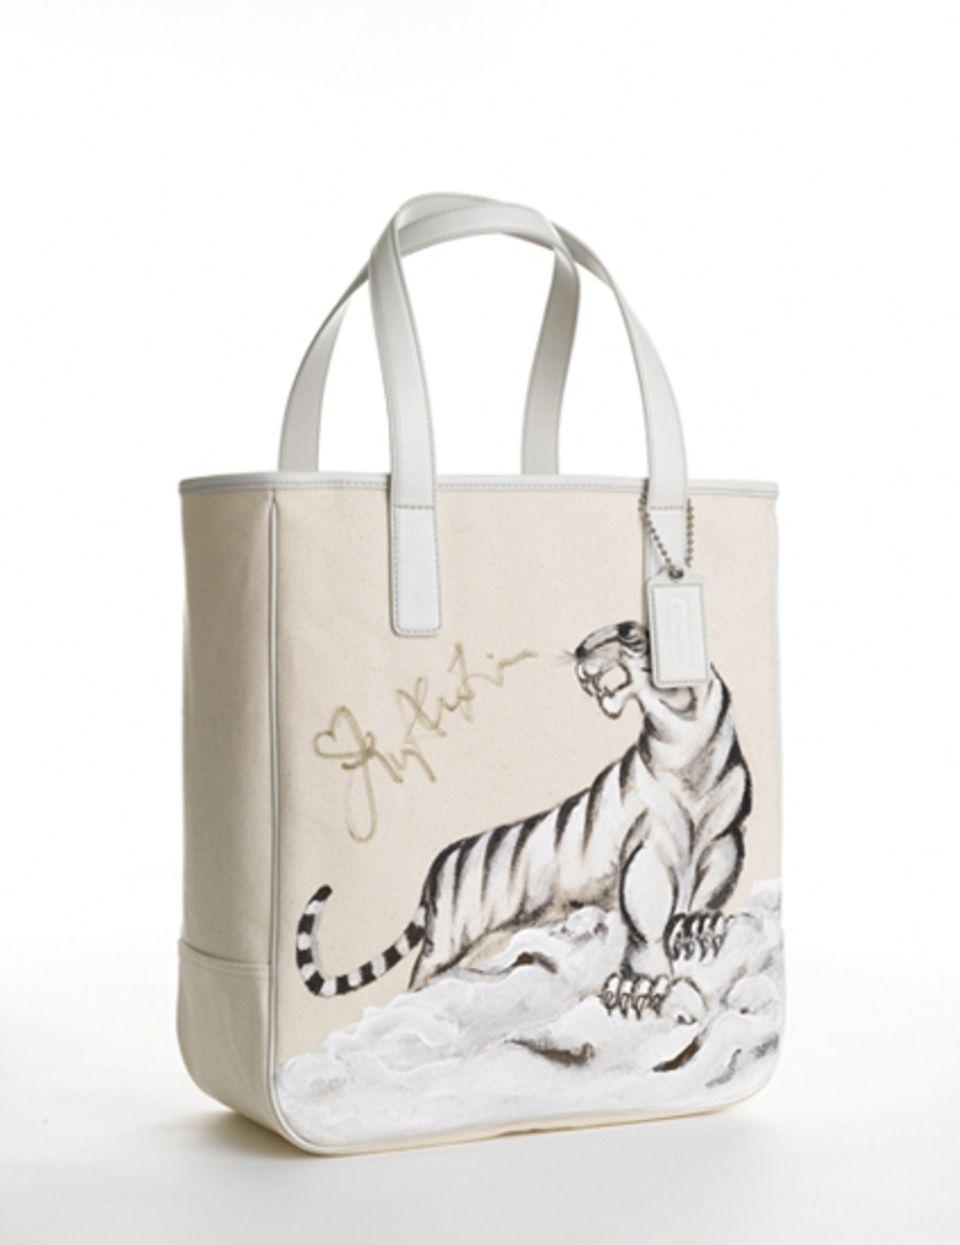 Coach bag: Lucy Liu